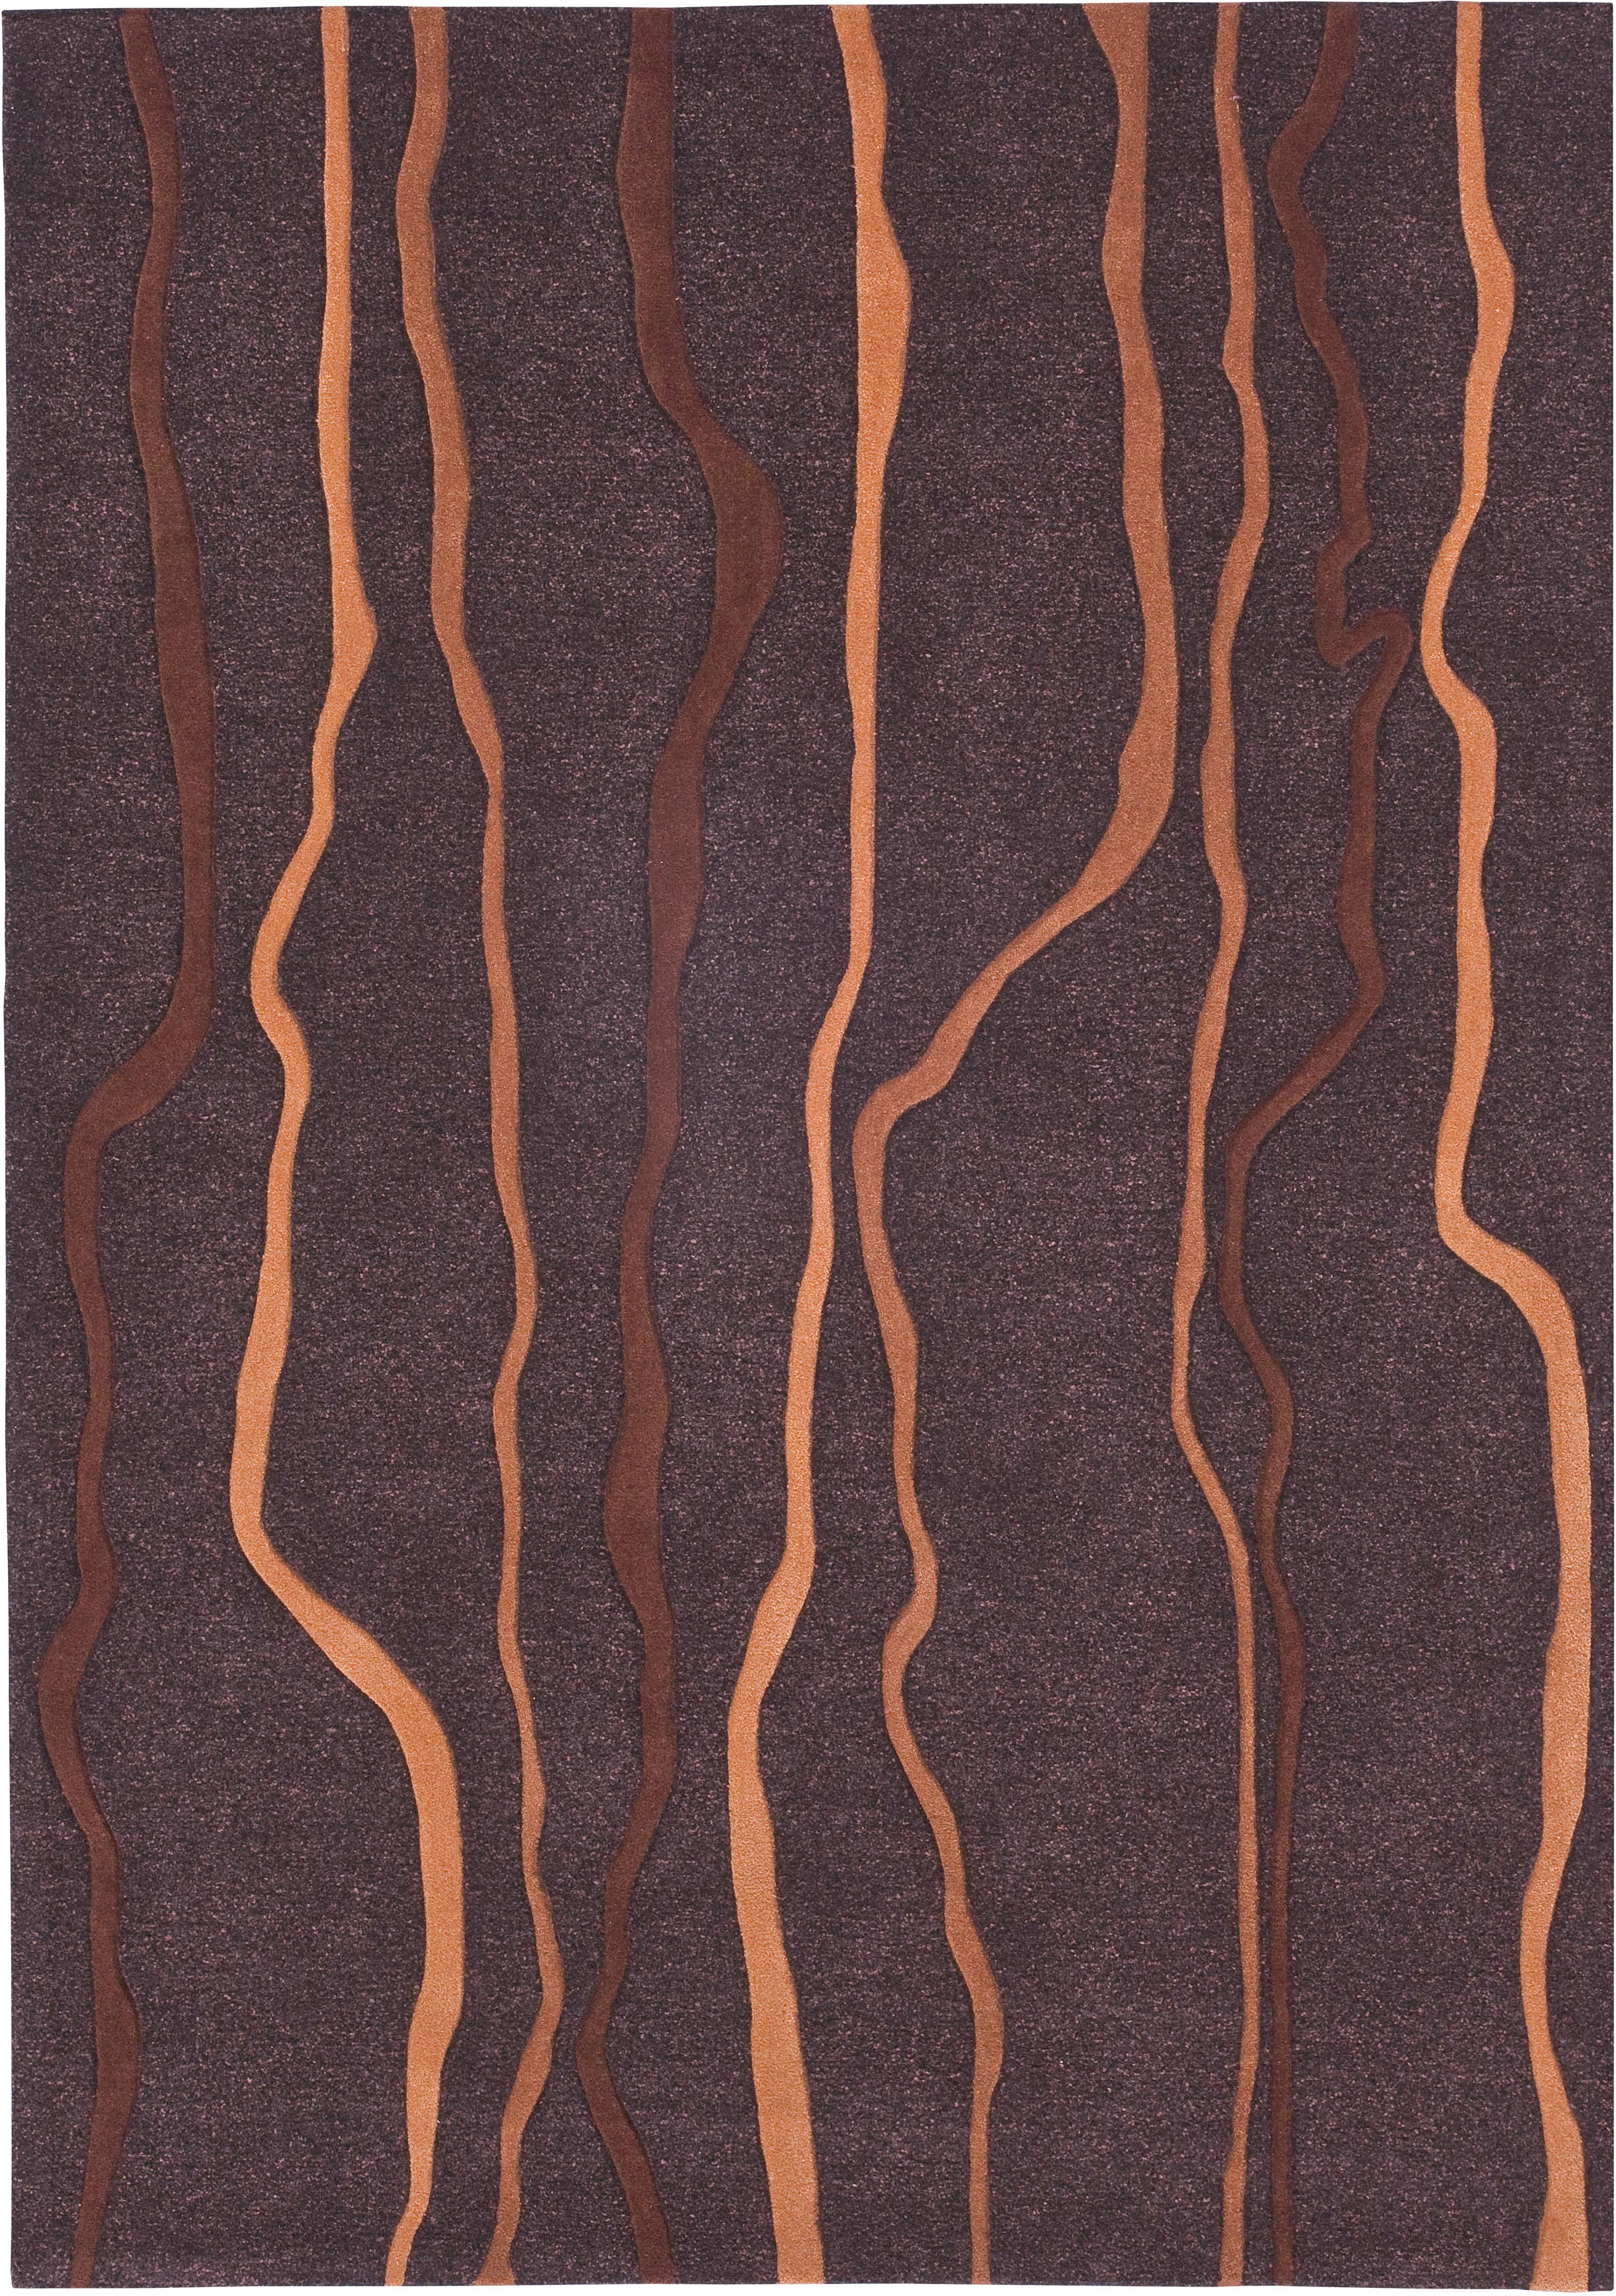 Teppich Spirit 5032 Arte Espina rechteckig Höhe 17 mm handgetuftet